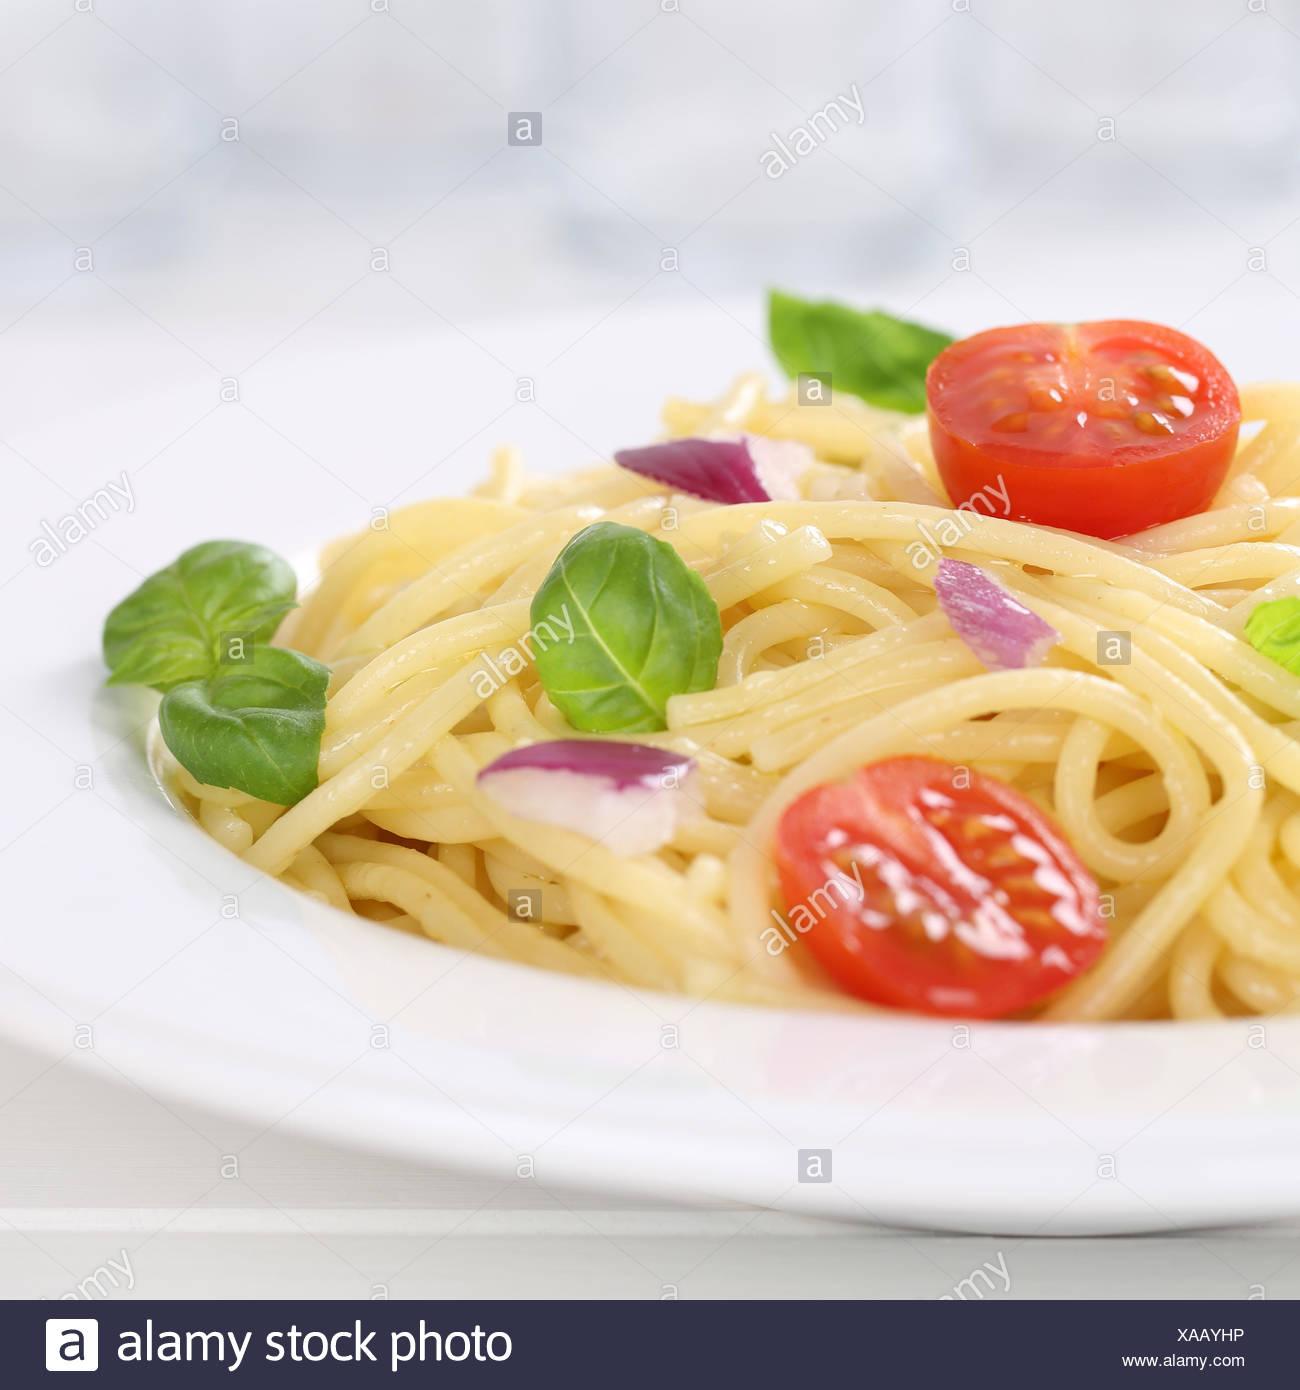 Italienisches Gericht Spaghetti mit Tomaten Nudeln Pasta auf Teller - Stock Image